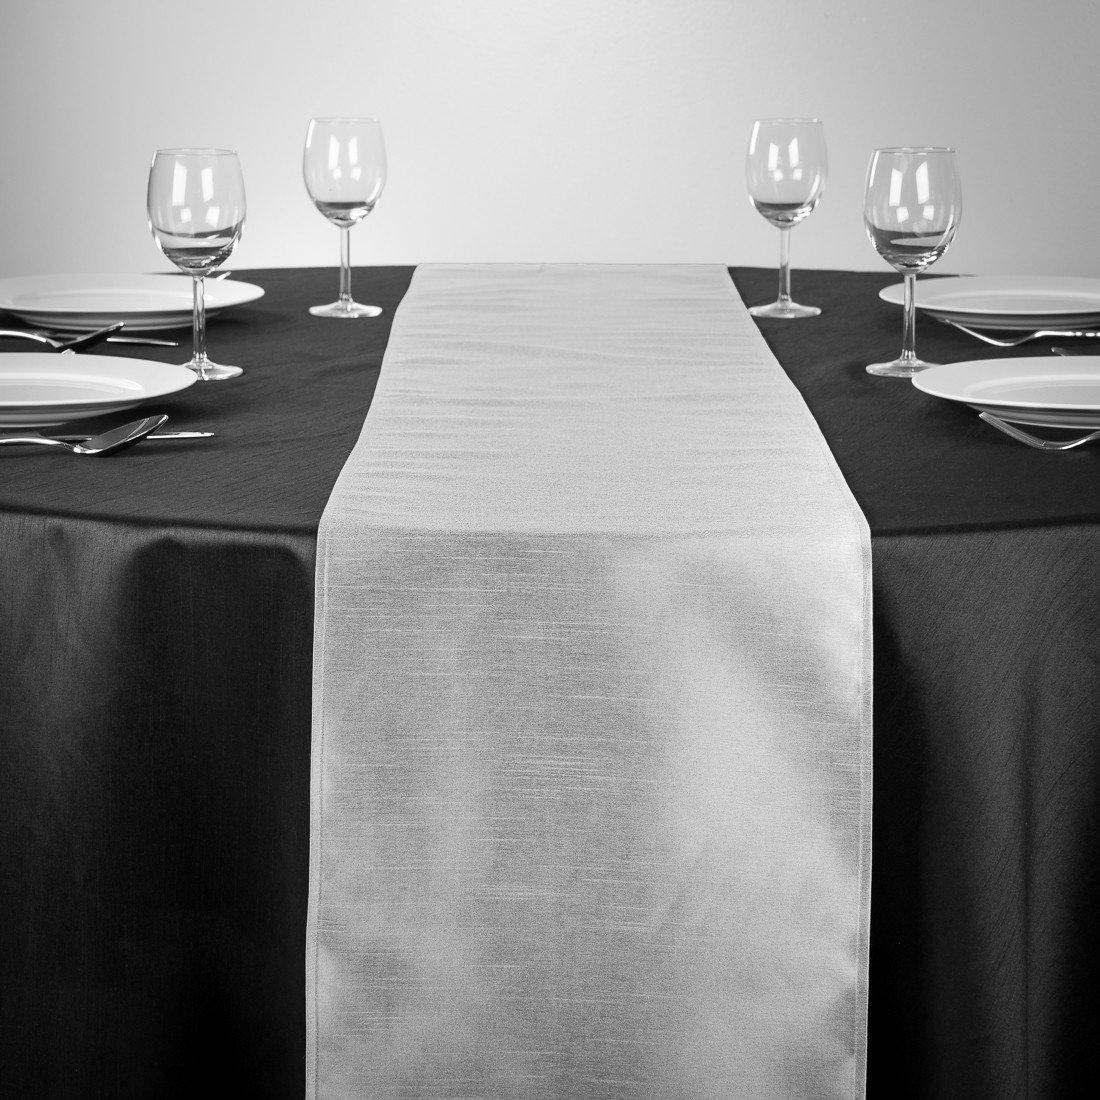 LinenTablecloth Shantung-Seide Tischläufer, 35,6 x 274,3 cm Silber Silber cm 2e5f83